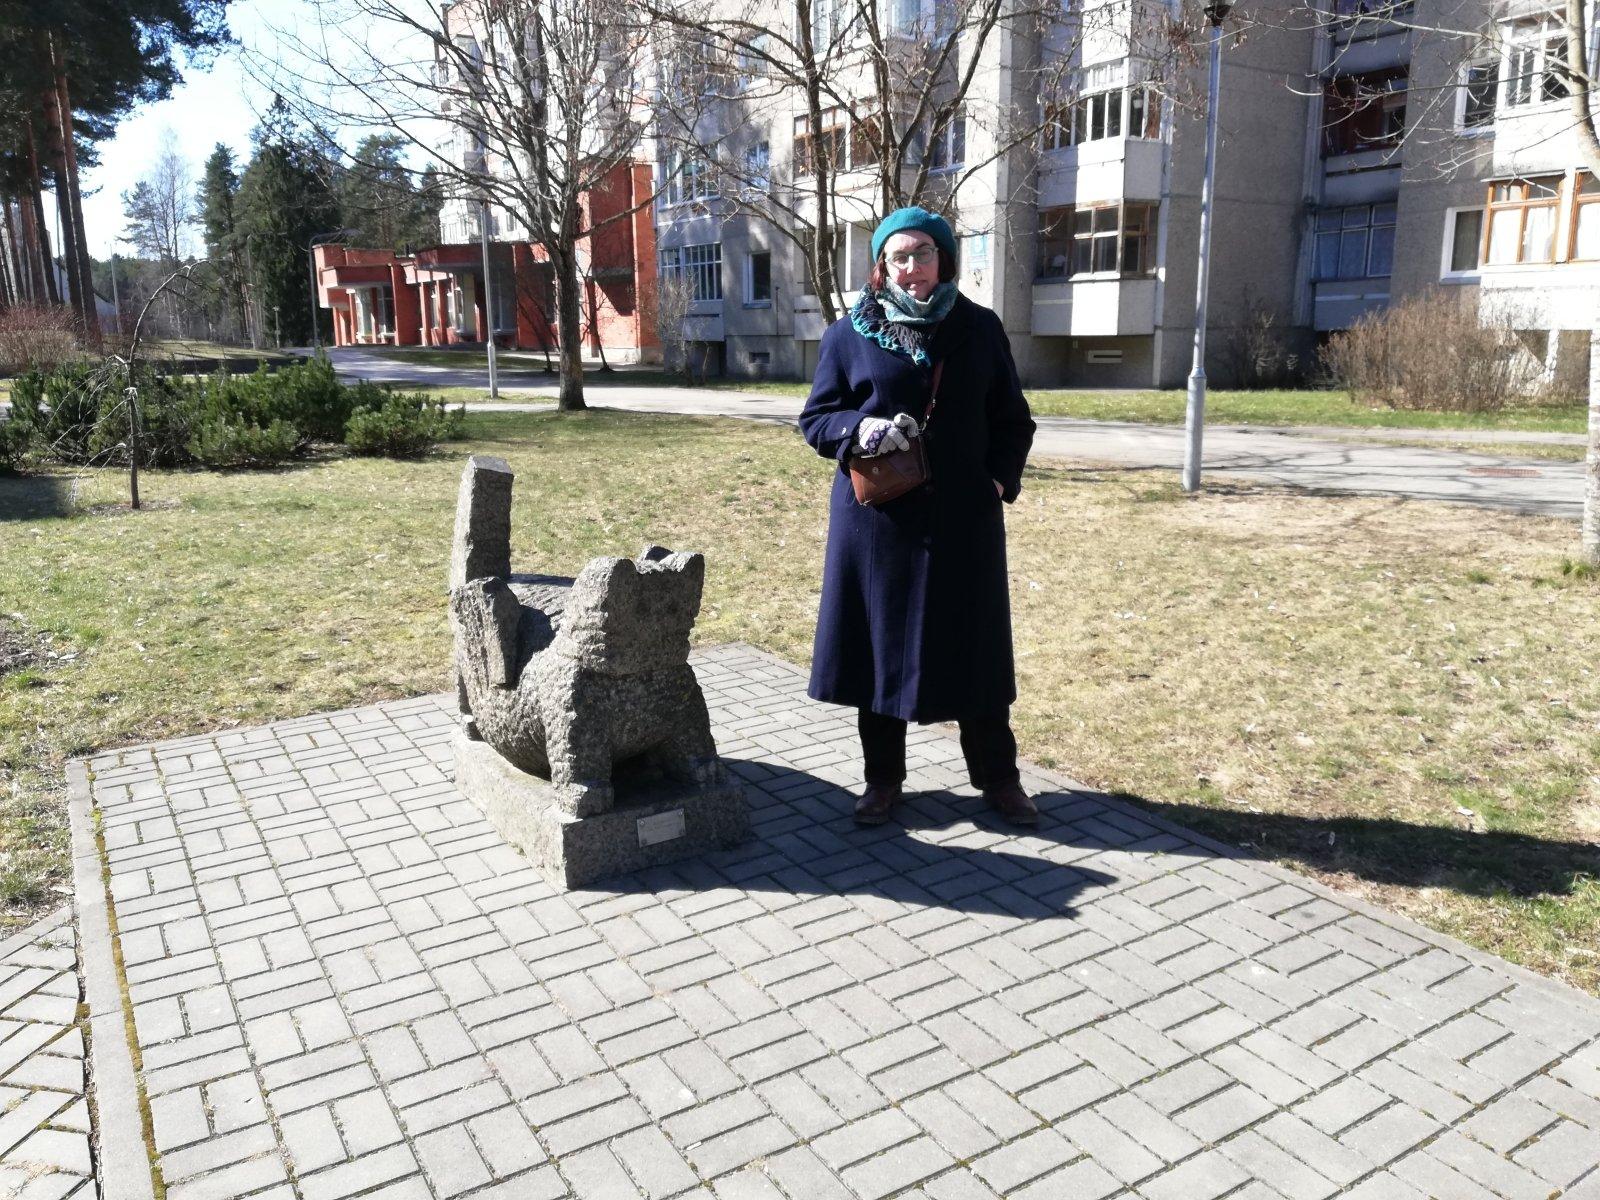 """Елена Фотьянова, мигрант из России: """"Мы приезжаем сюда с другой планеты"""" (Delfi, Литва)"""